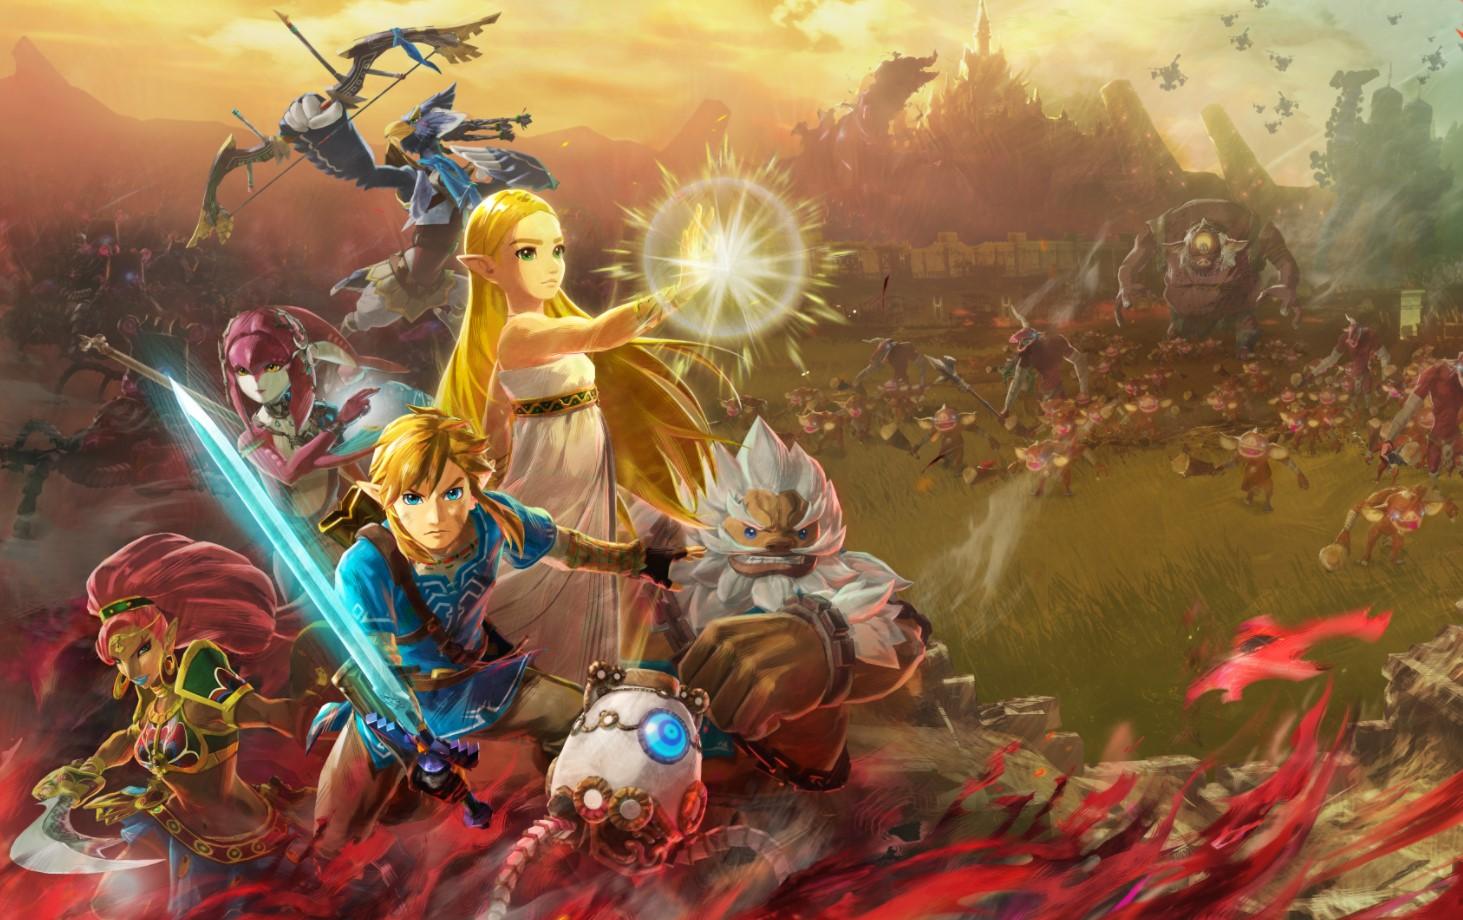 Nintendo anunció una novedad de The Legend of Zelda y es una precuela de Breath of the Wild: Hyrule Warriors: Age of Calamity